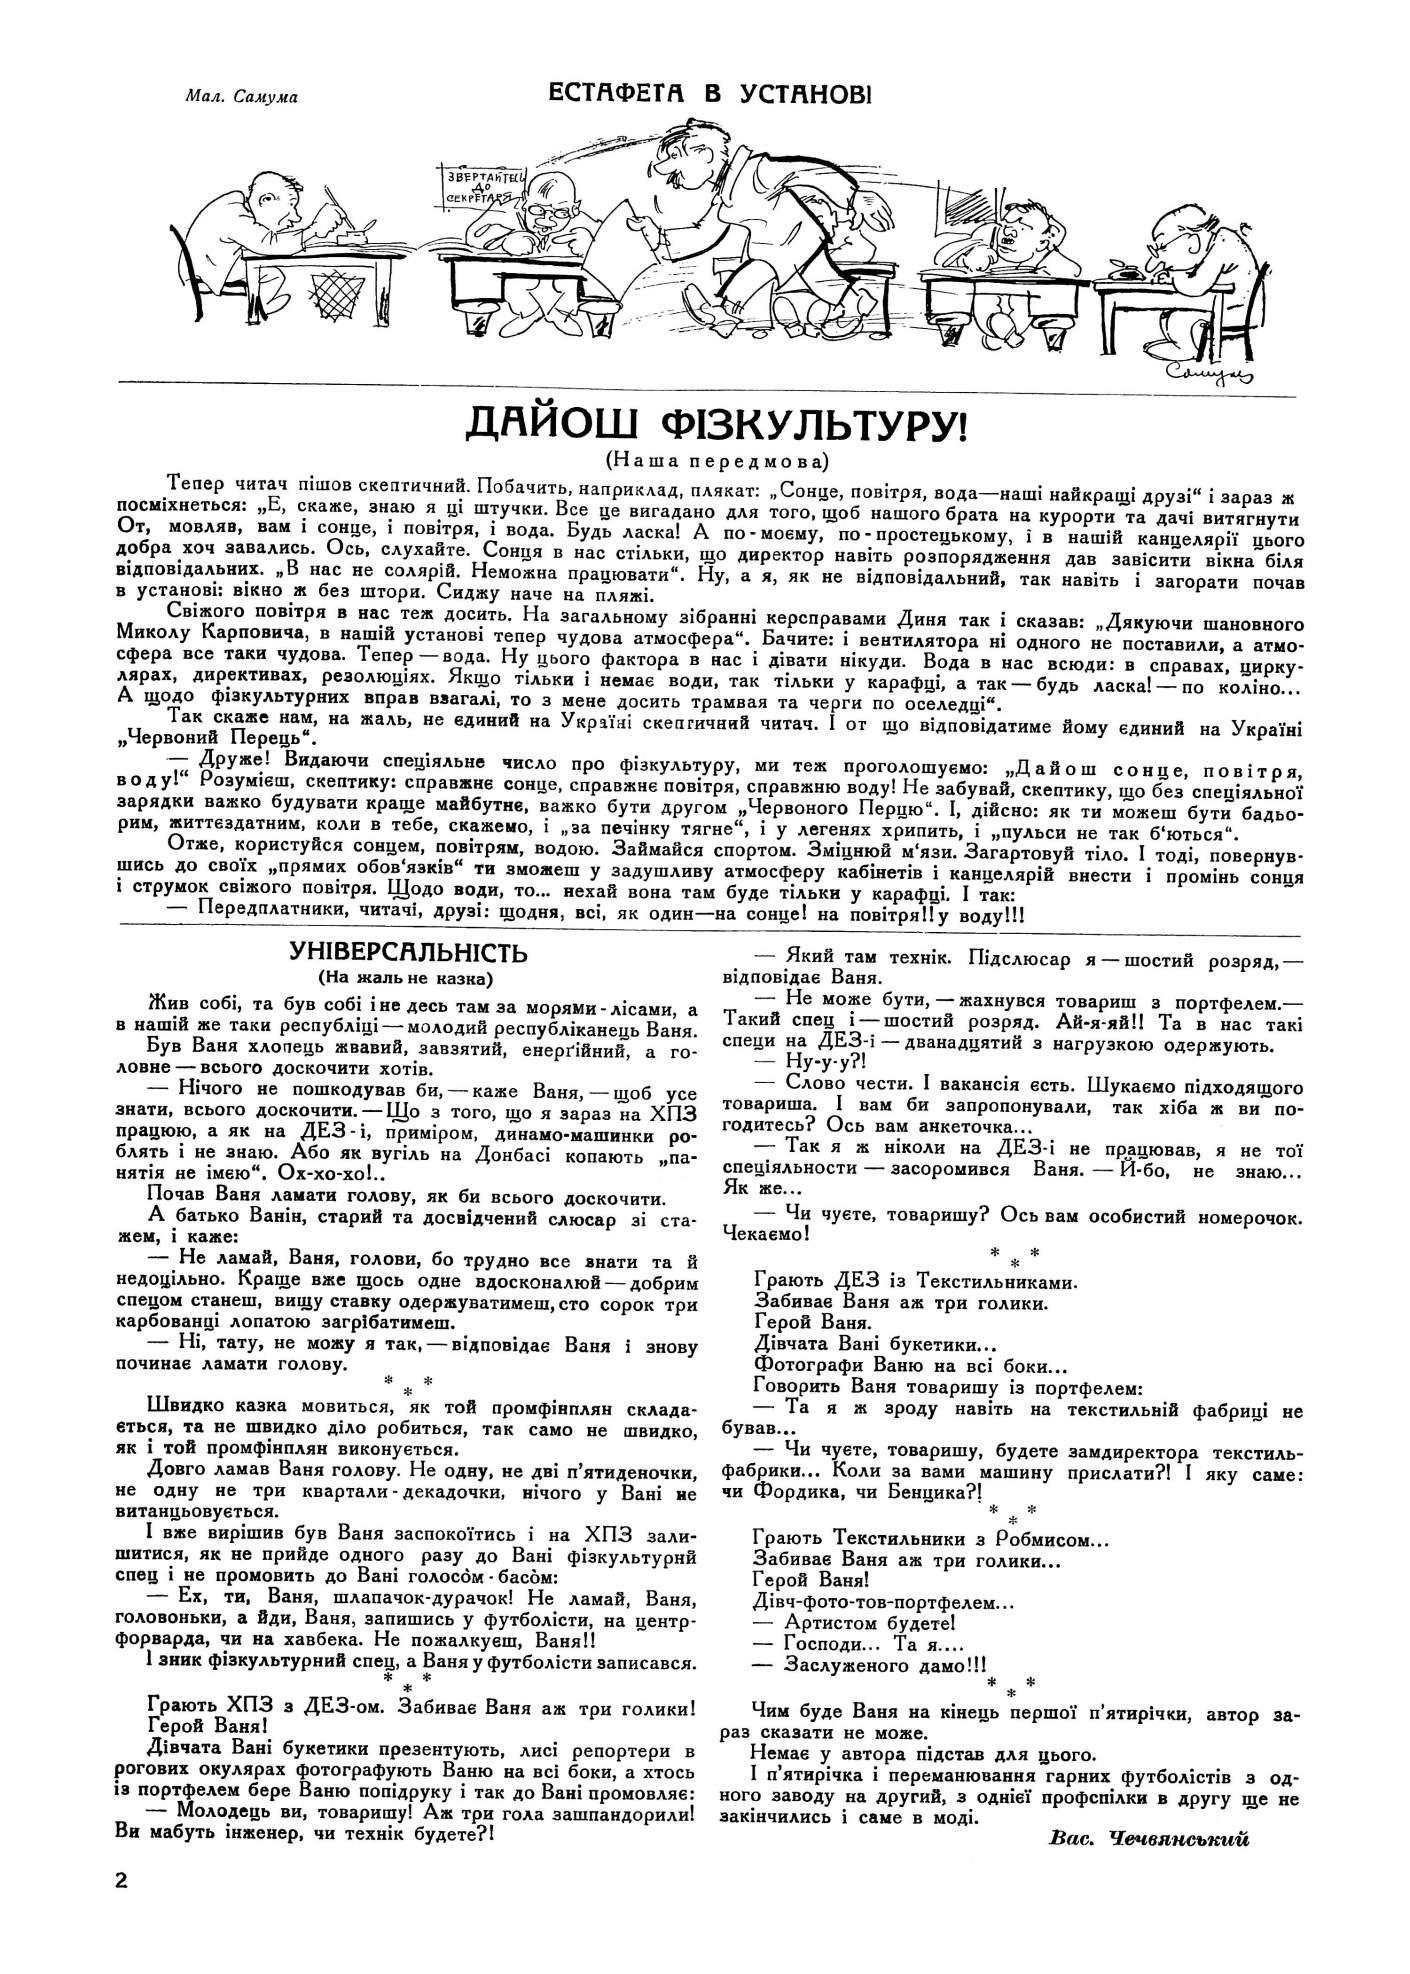 Журнал перець 1930 №08